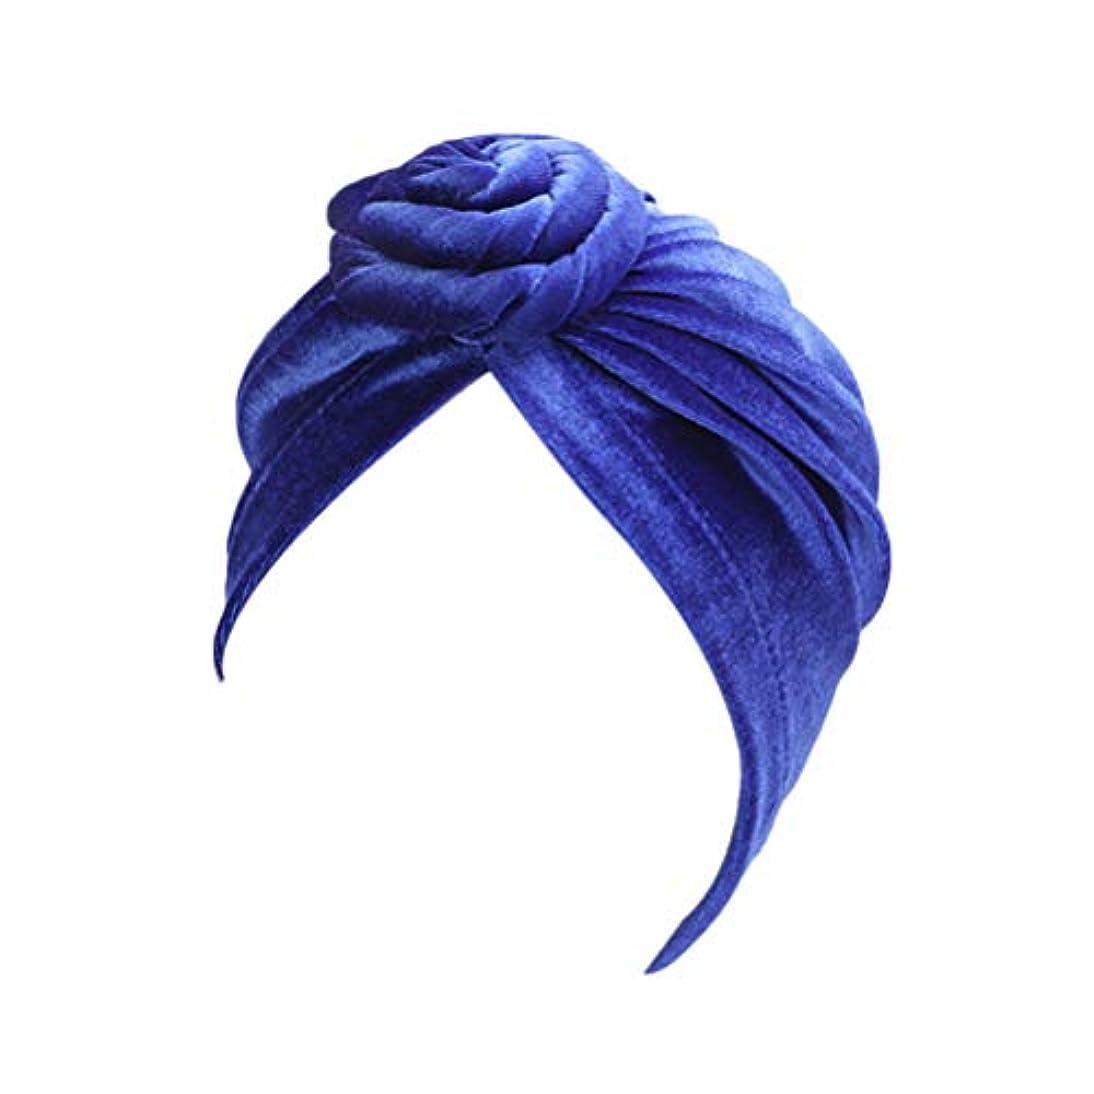 タイトル名前ハシーHealifty 睡眠ナイトキャップ花装飾ワイドバンドボンネットナイトヘッドカバーソフトヘアターバン女性用ヘアビューティーケアキャップ(ブルー)